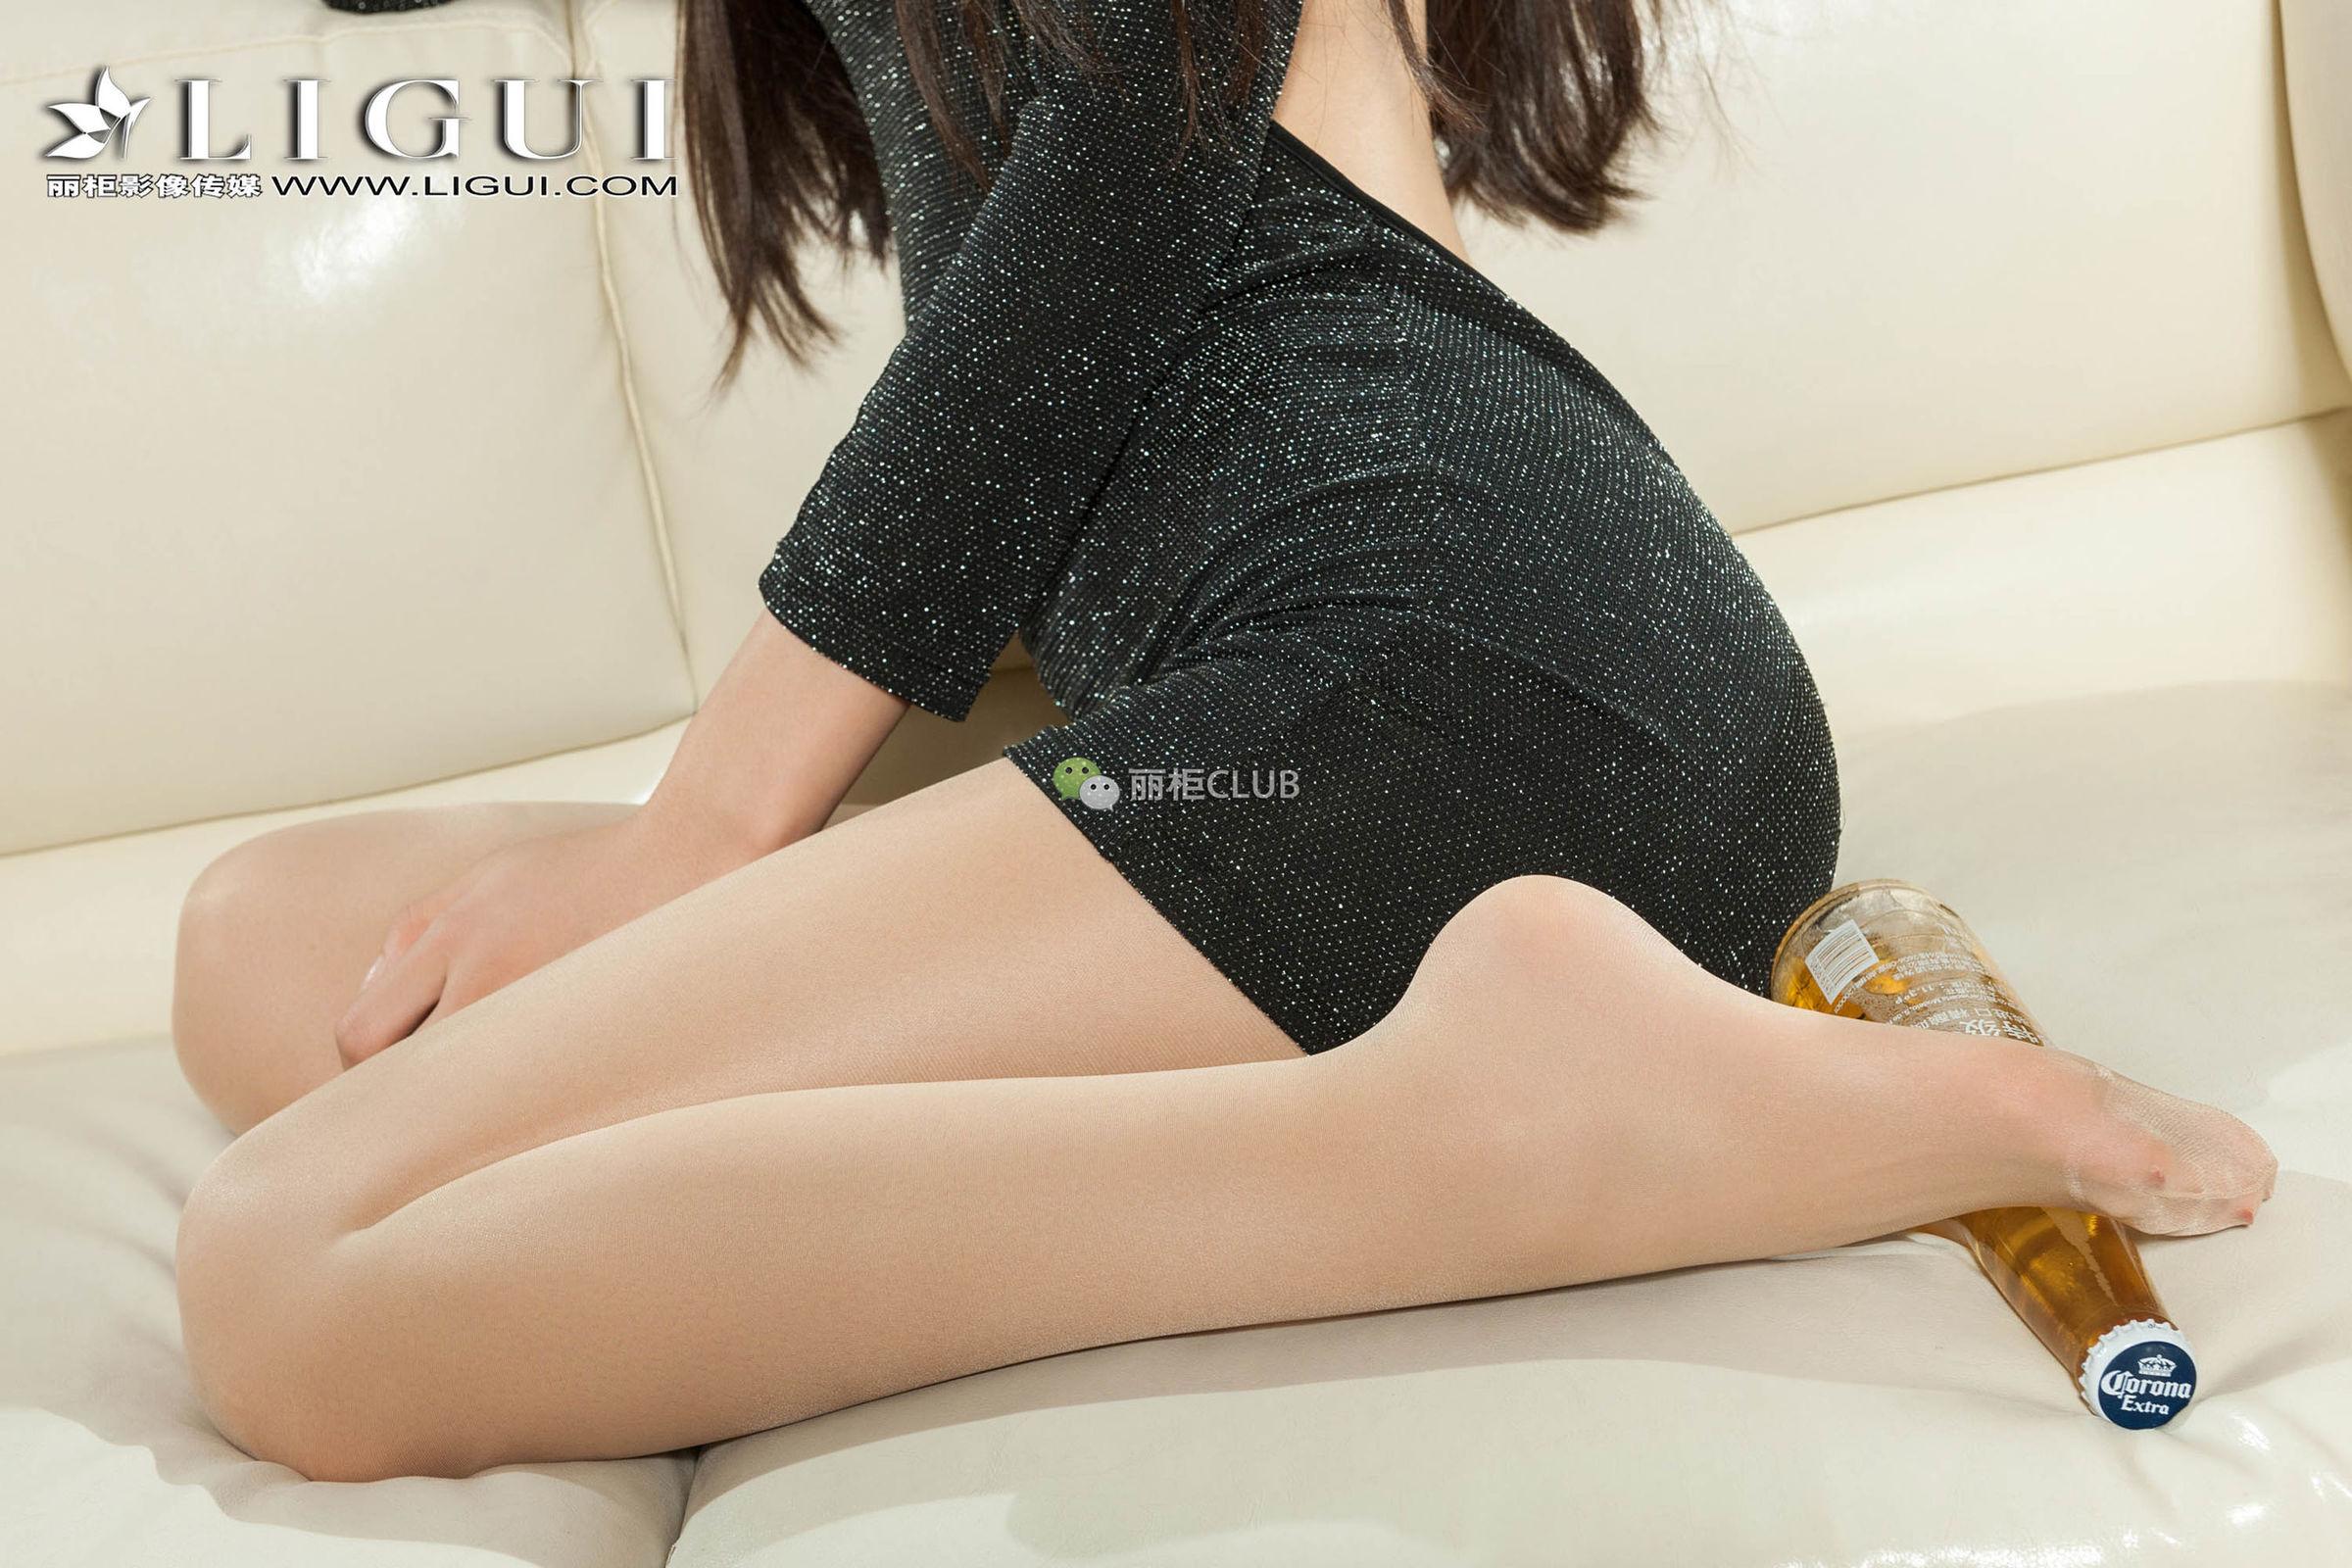 王炜炜 - OL高跟丝足美脚 写真套图